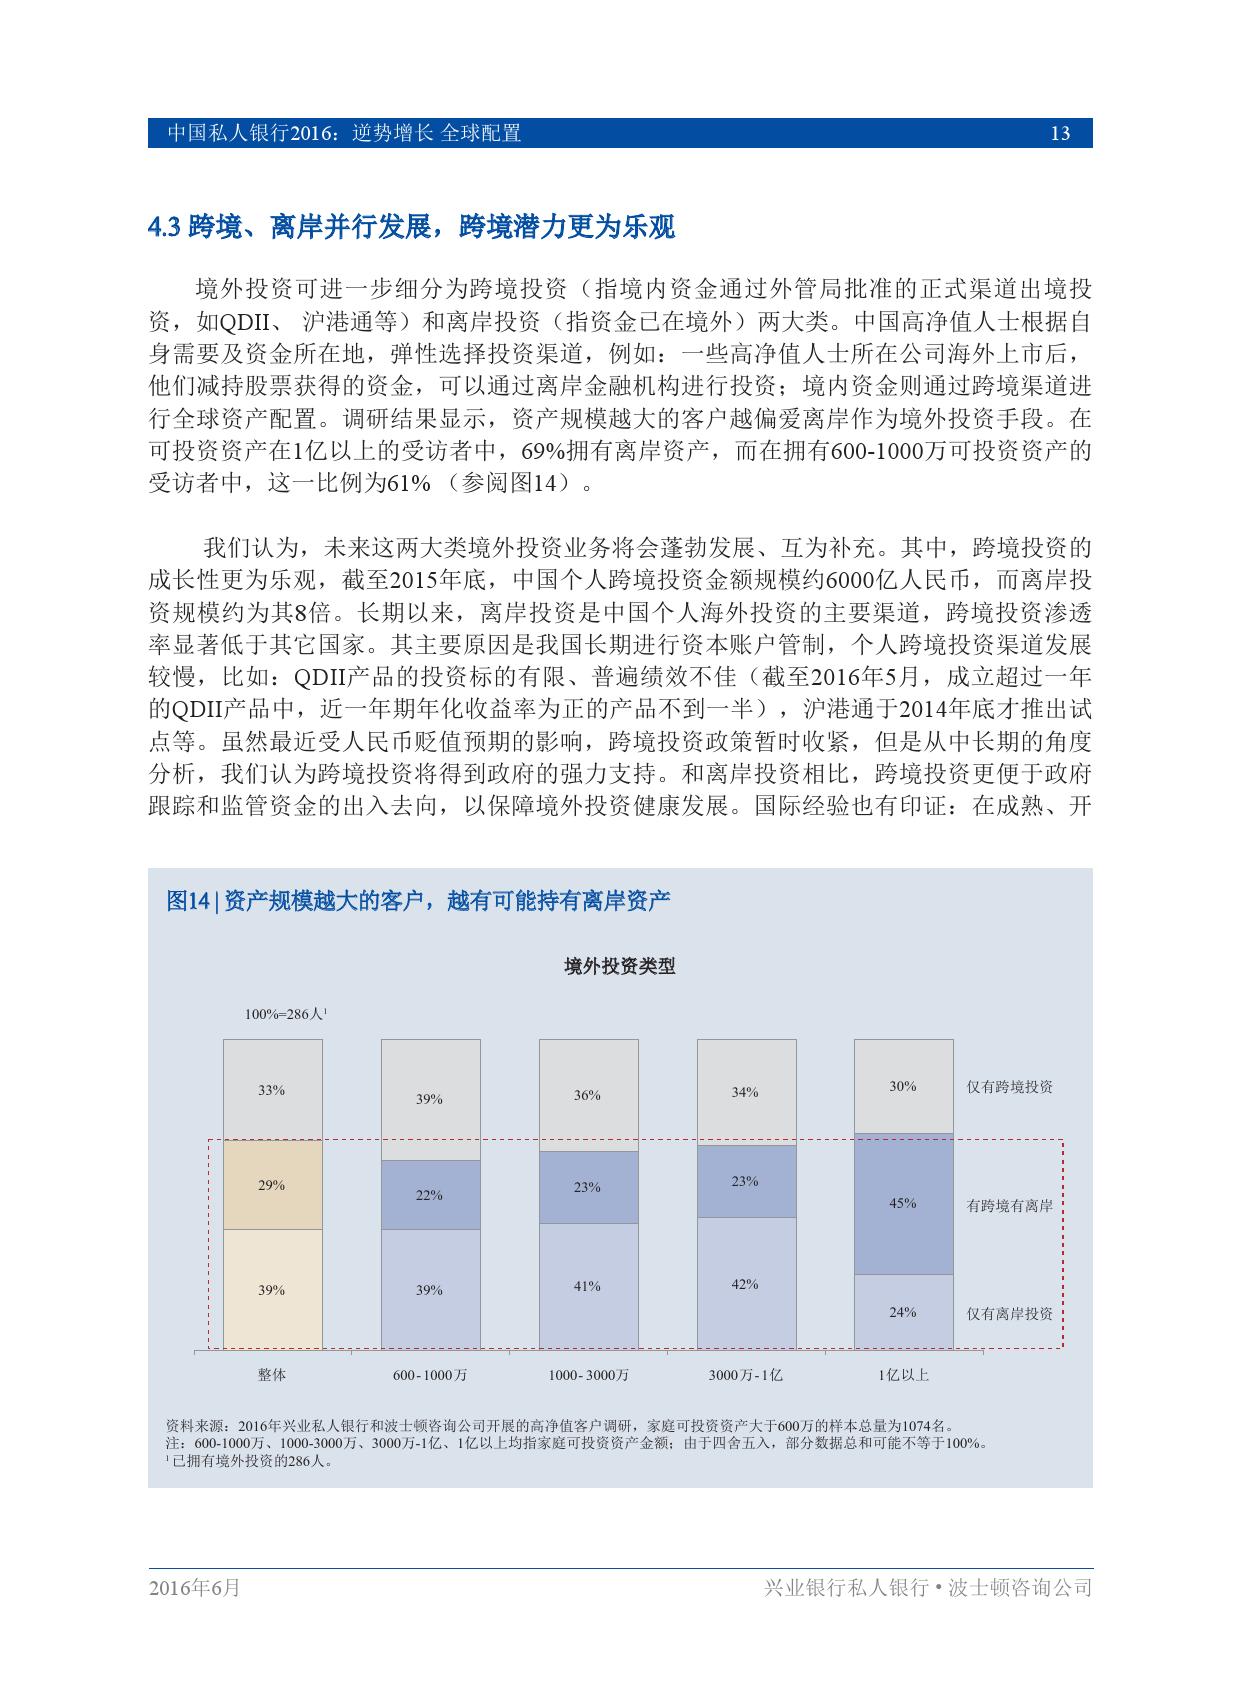 中国私人银行2016逆势增长、全球配置_000015